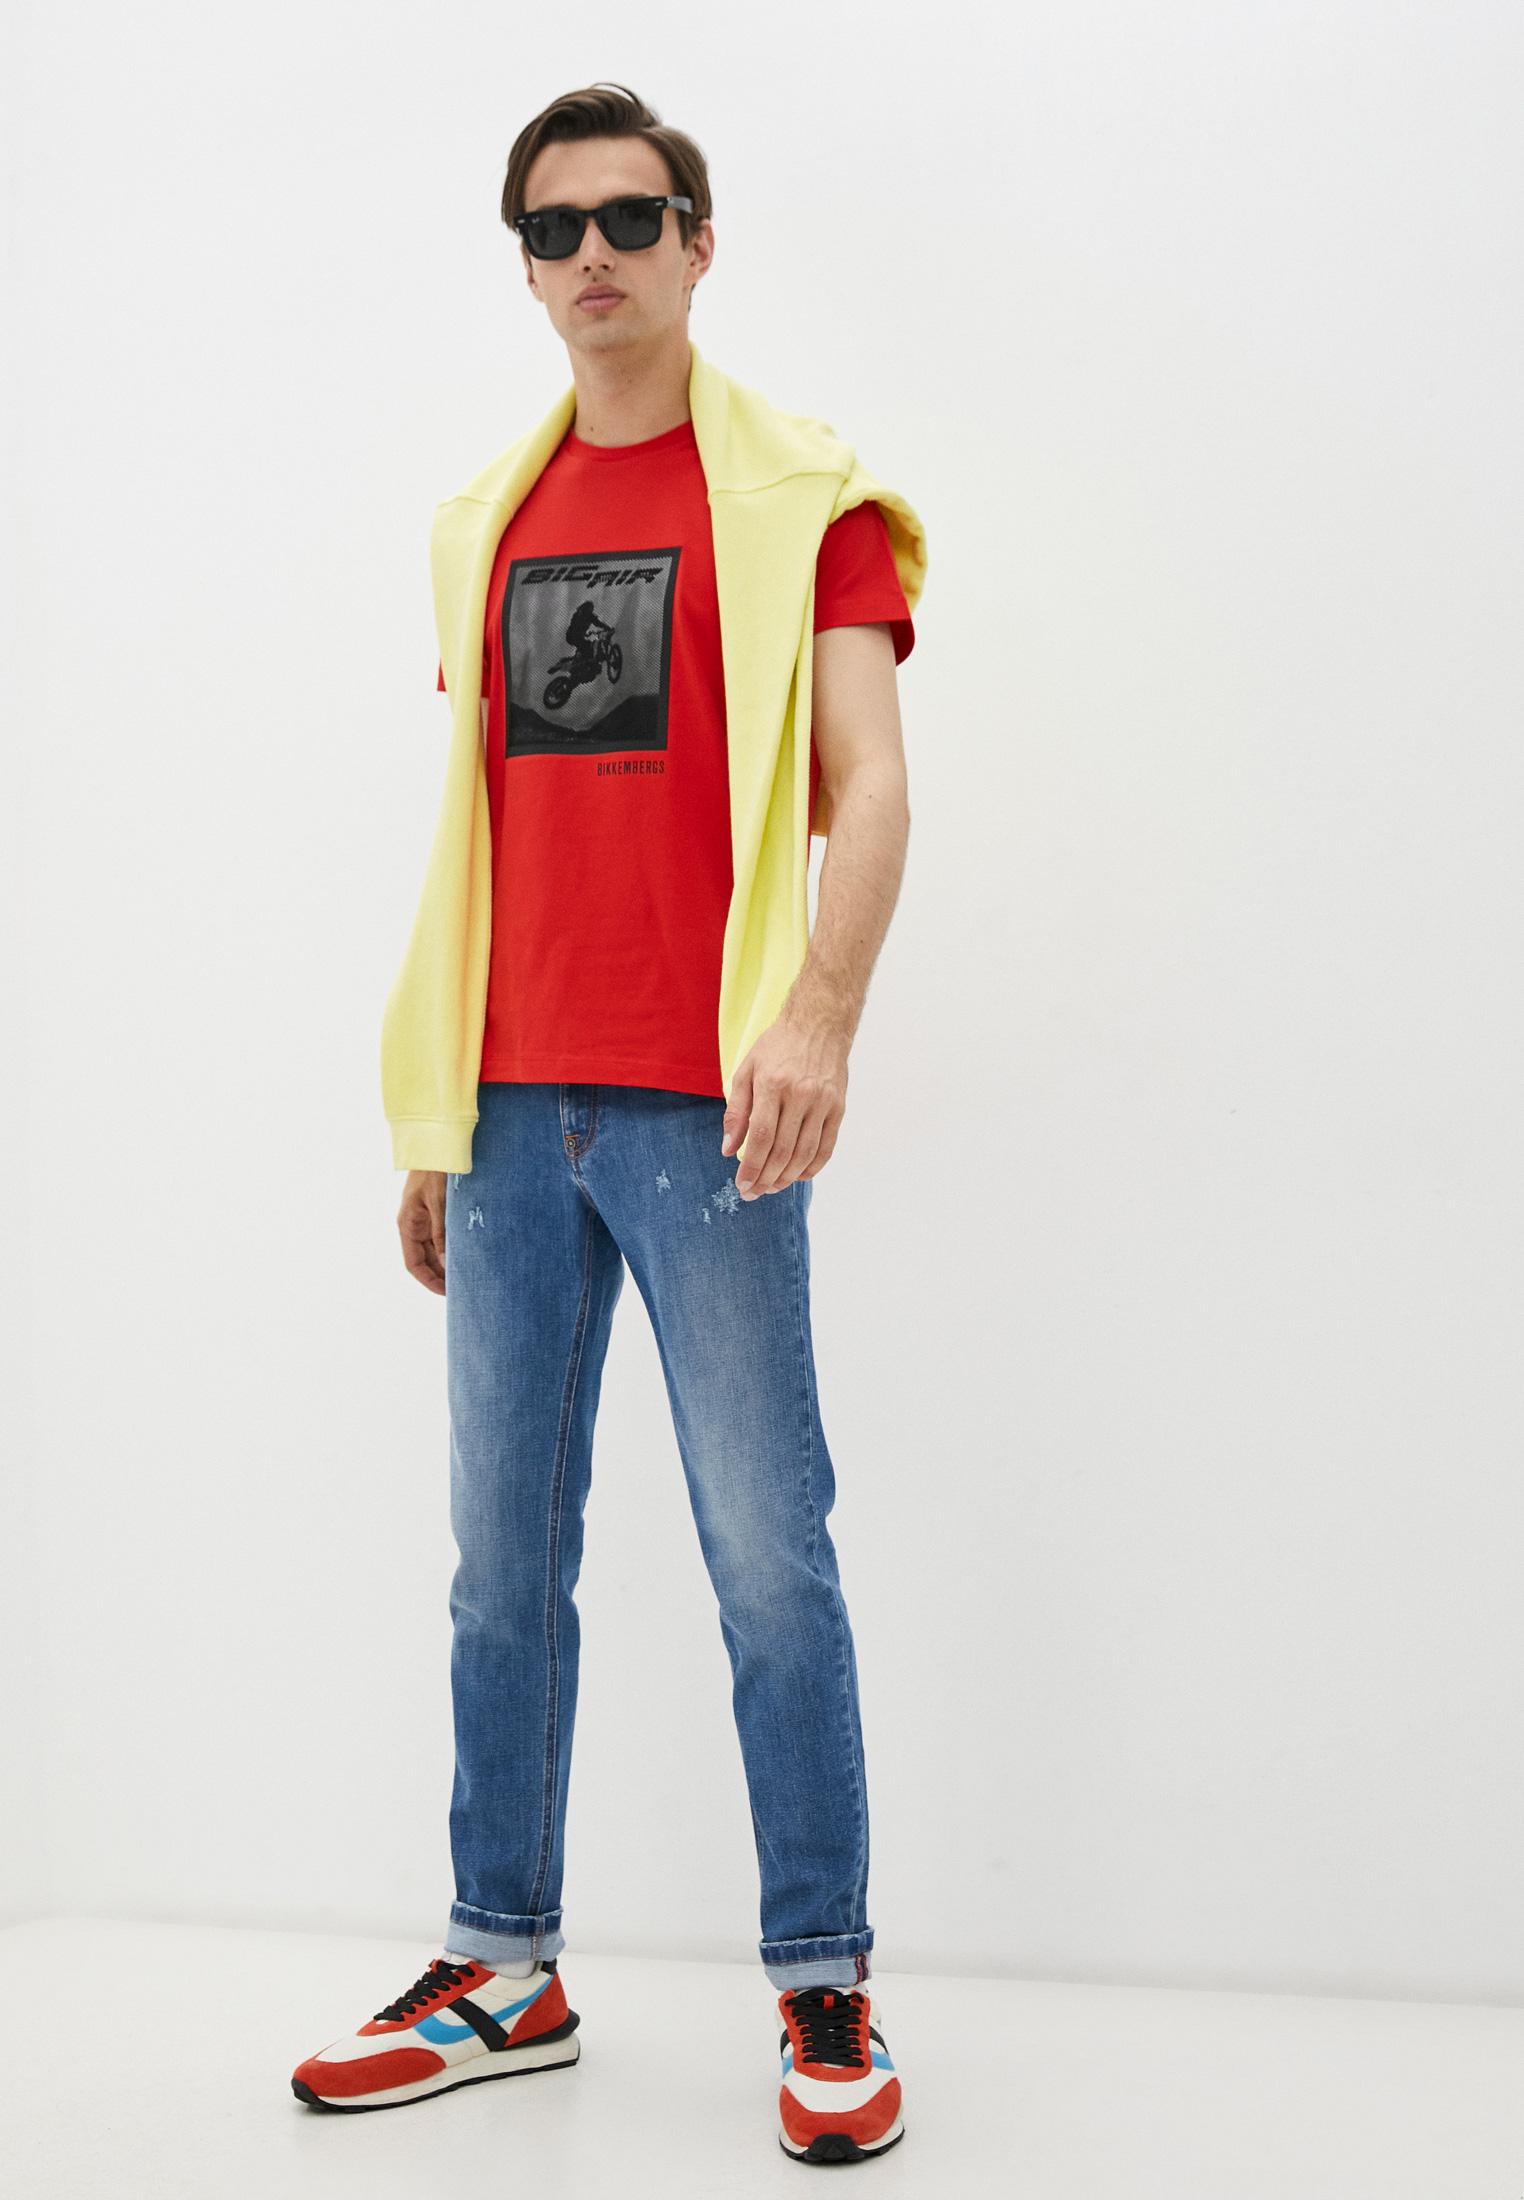 Мужские зауженные джинсы Bikkembergs (Биккембергс) C Q 101 03 S 3393: изображение 3